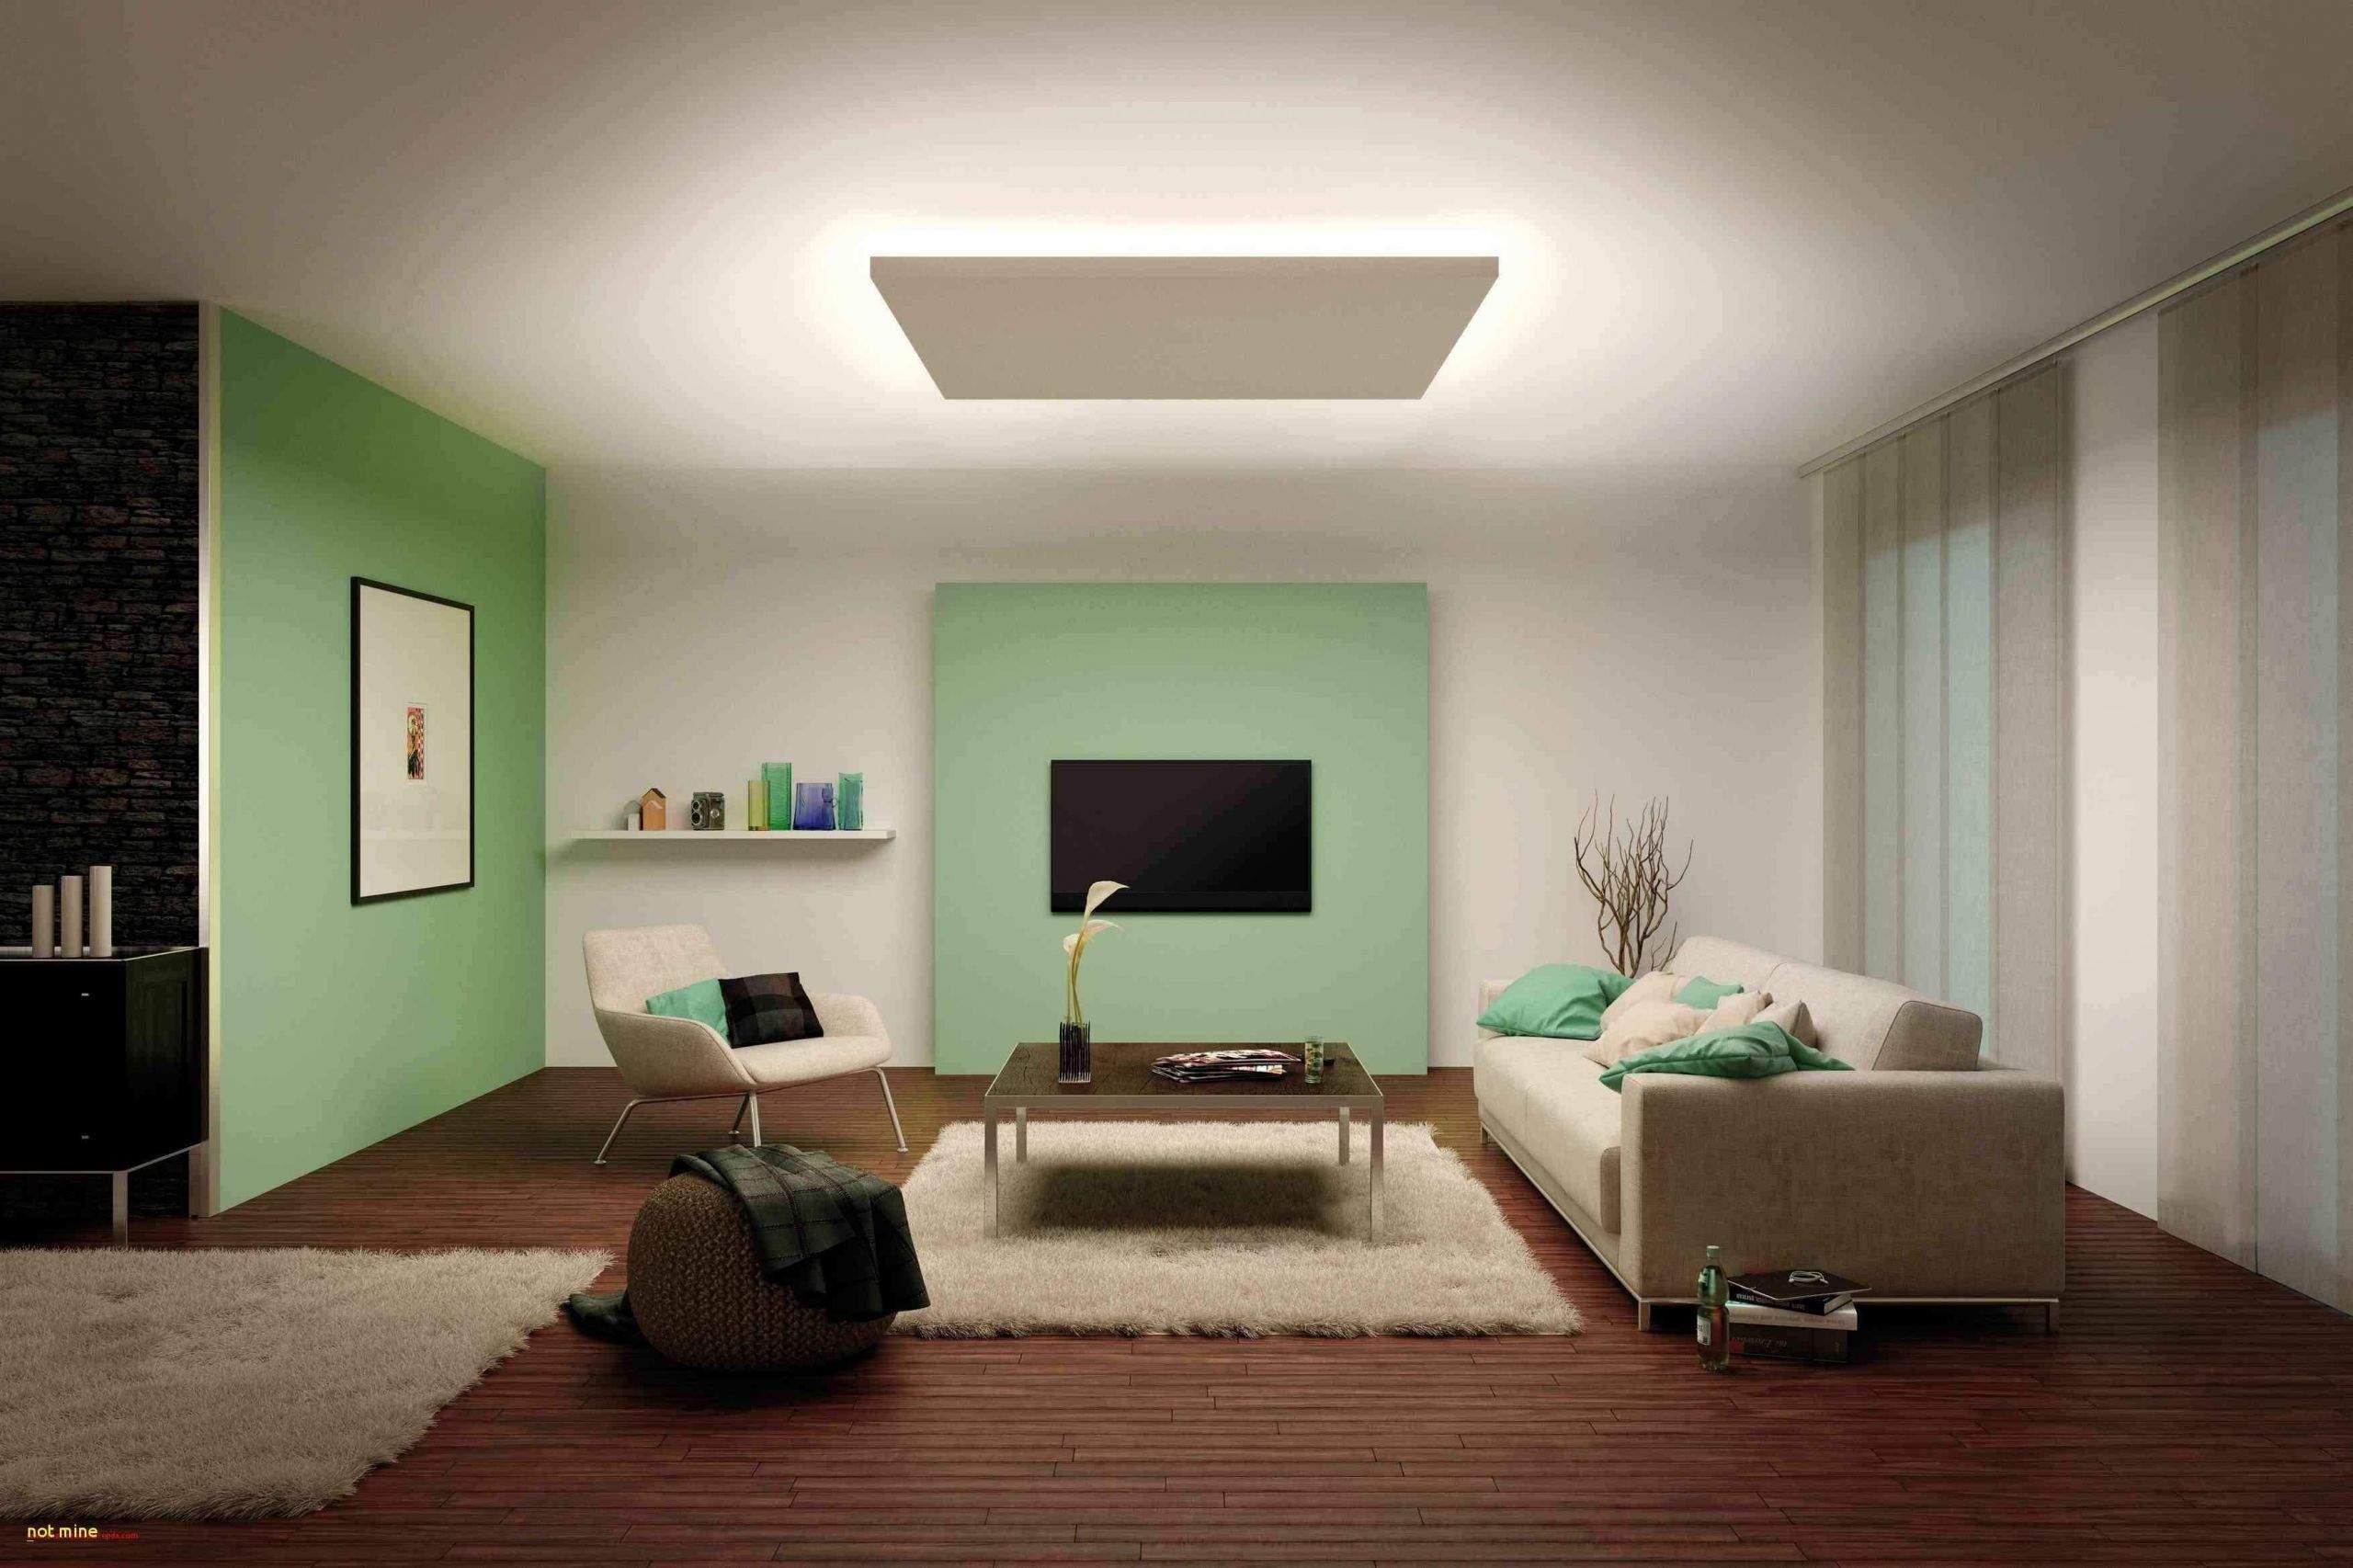 nackt im wohnzimmer elegant landhausstil wohnzimmer elegant wand licht dekoration fresh of nackt im wohnzimmer scaled